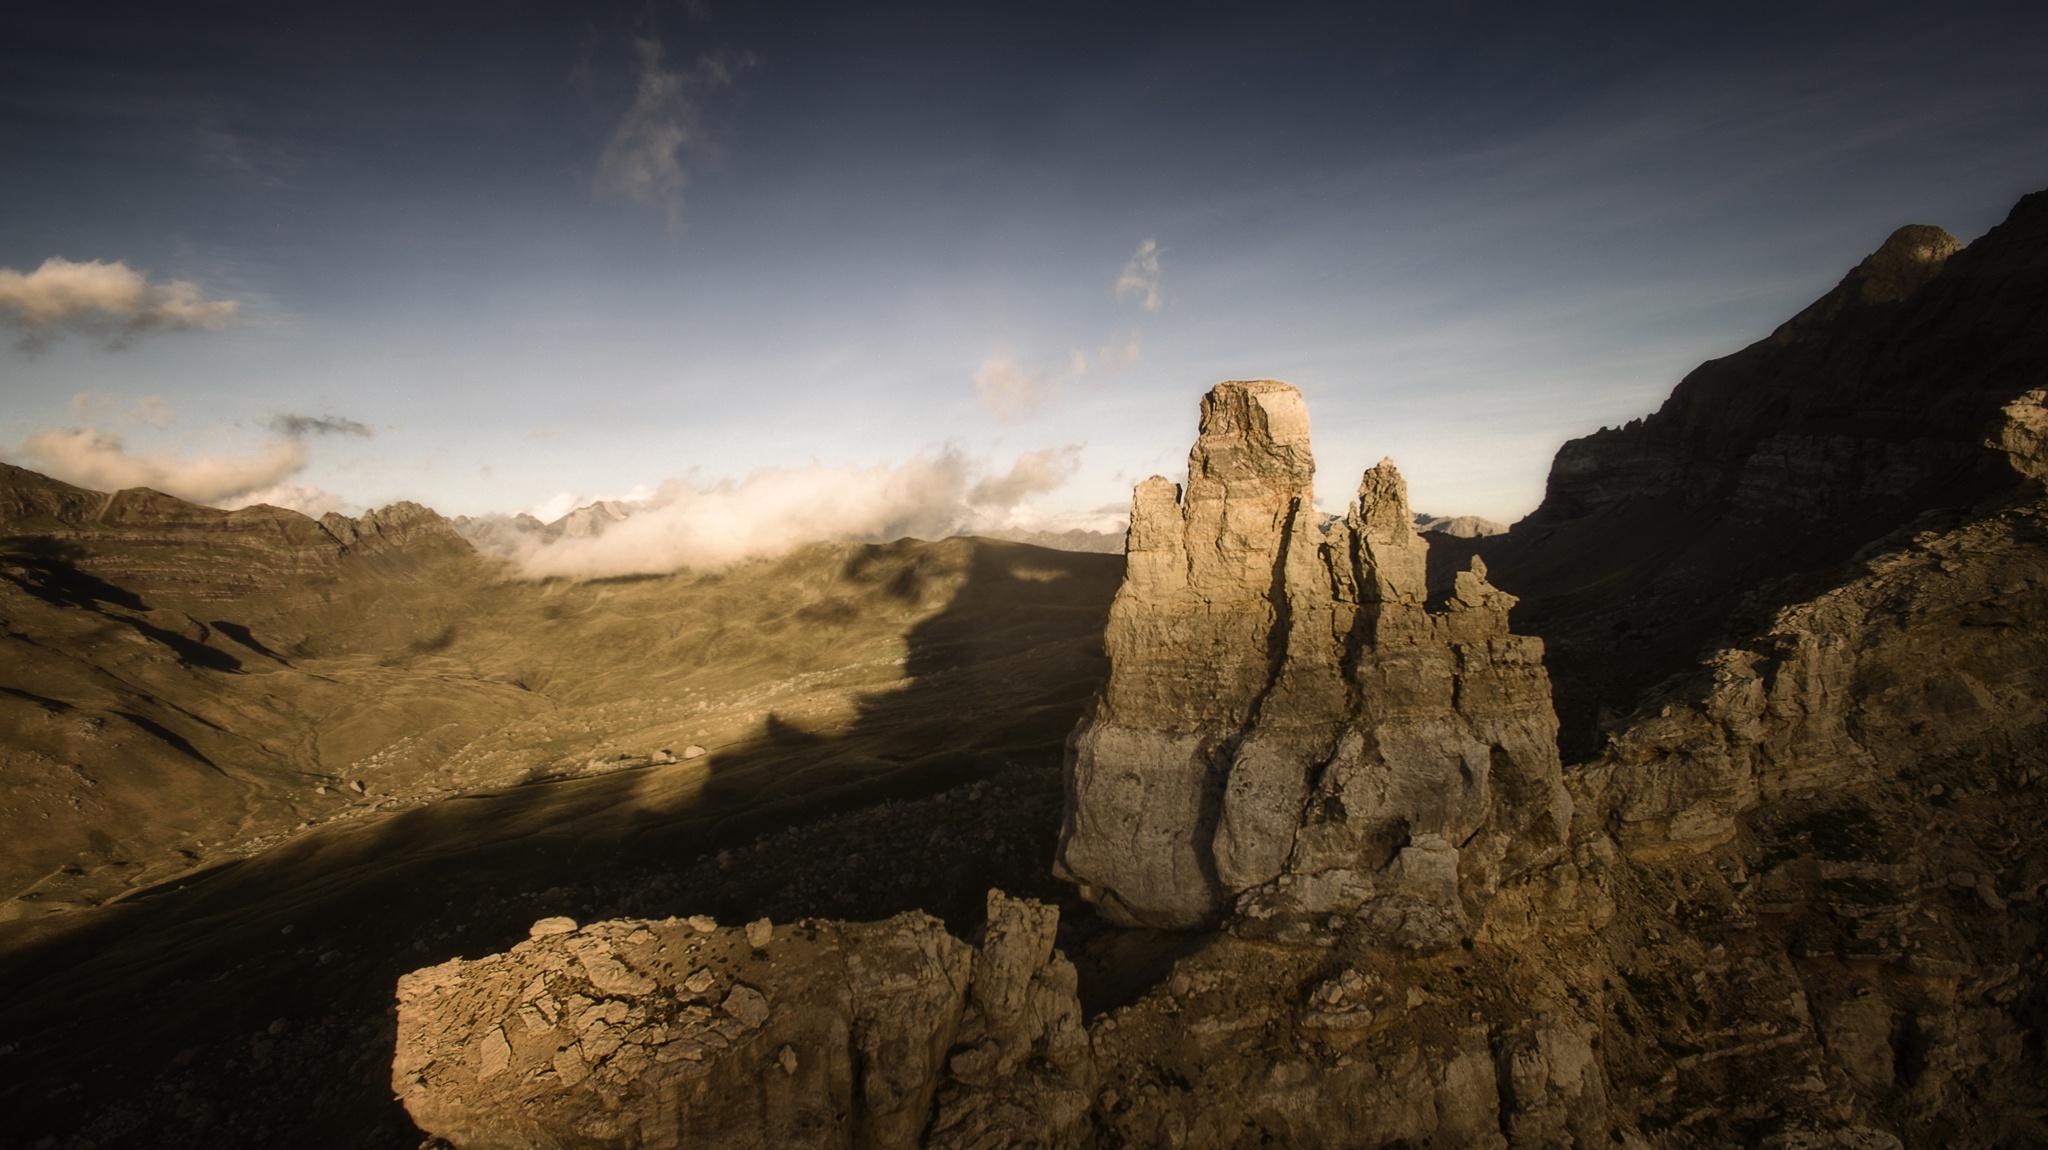 Campanal de Izas 3 - Paisajes del valle - Fotos del Valle del Aragón, Mikel Besga